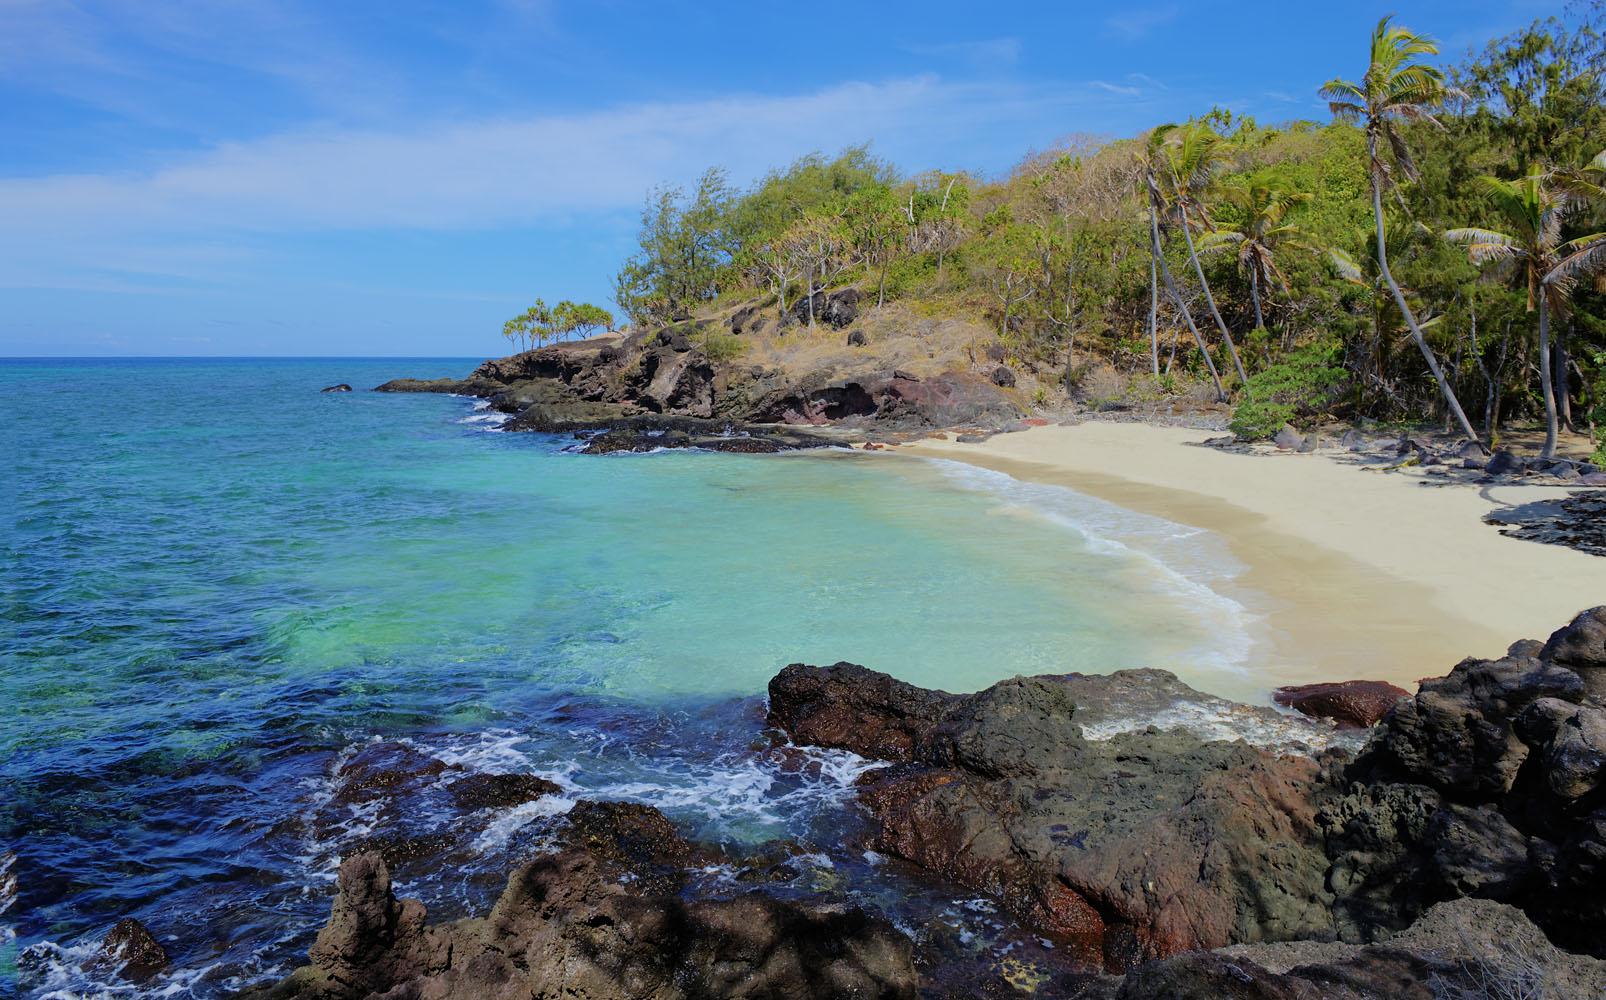 Honeymoon Private Beach